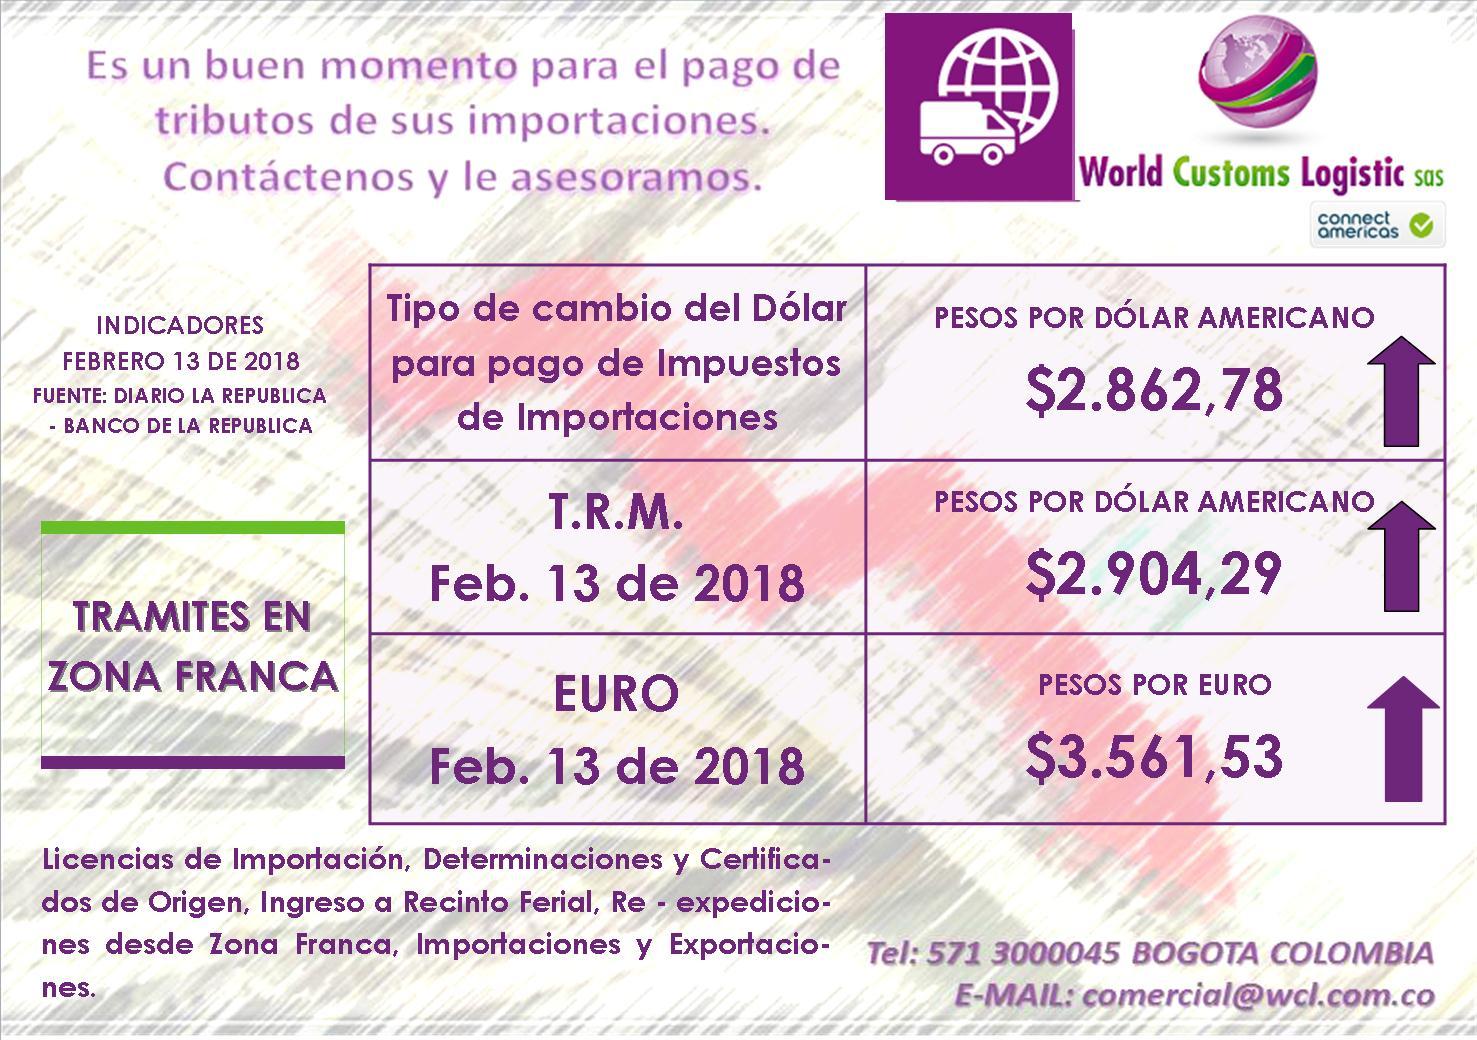 INDICADORES FEBRERO 13 2018